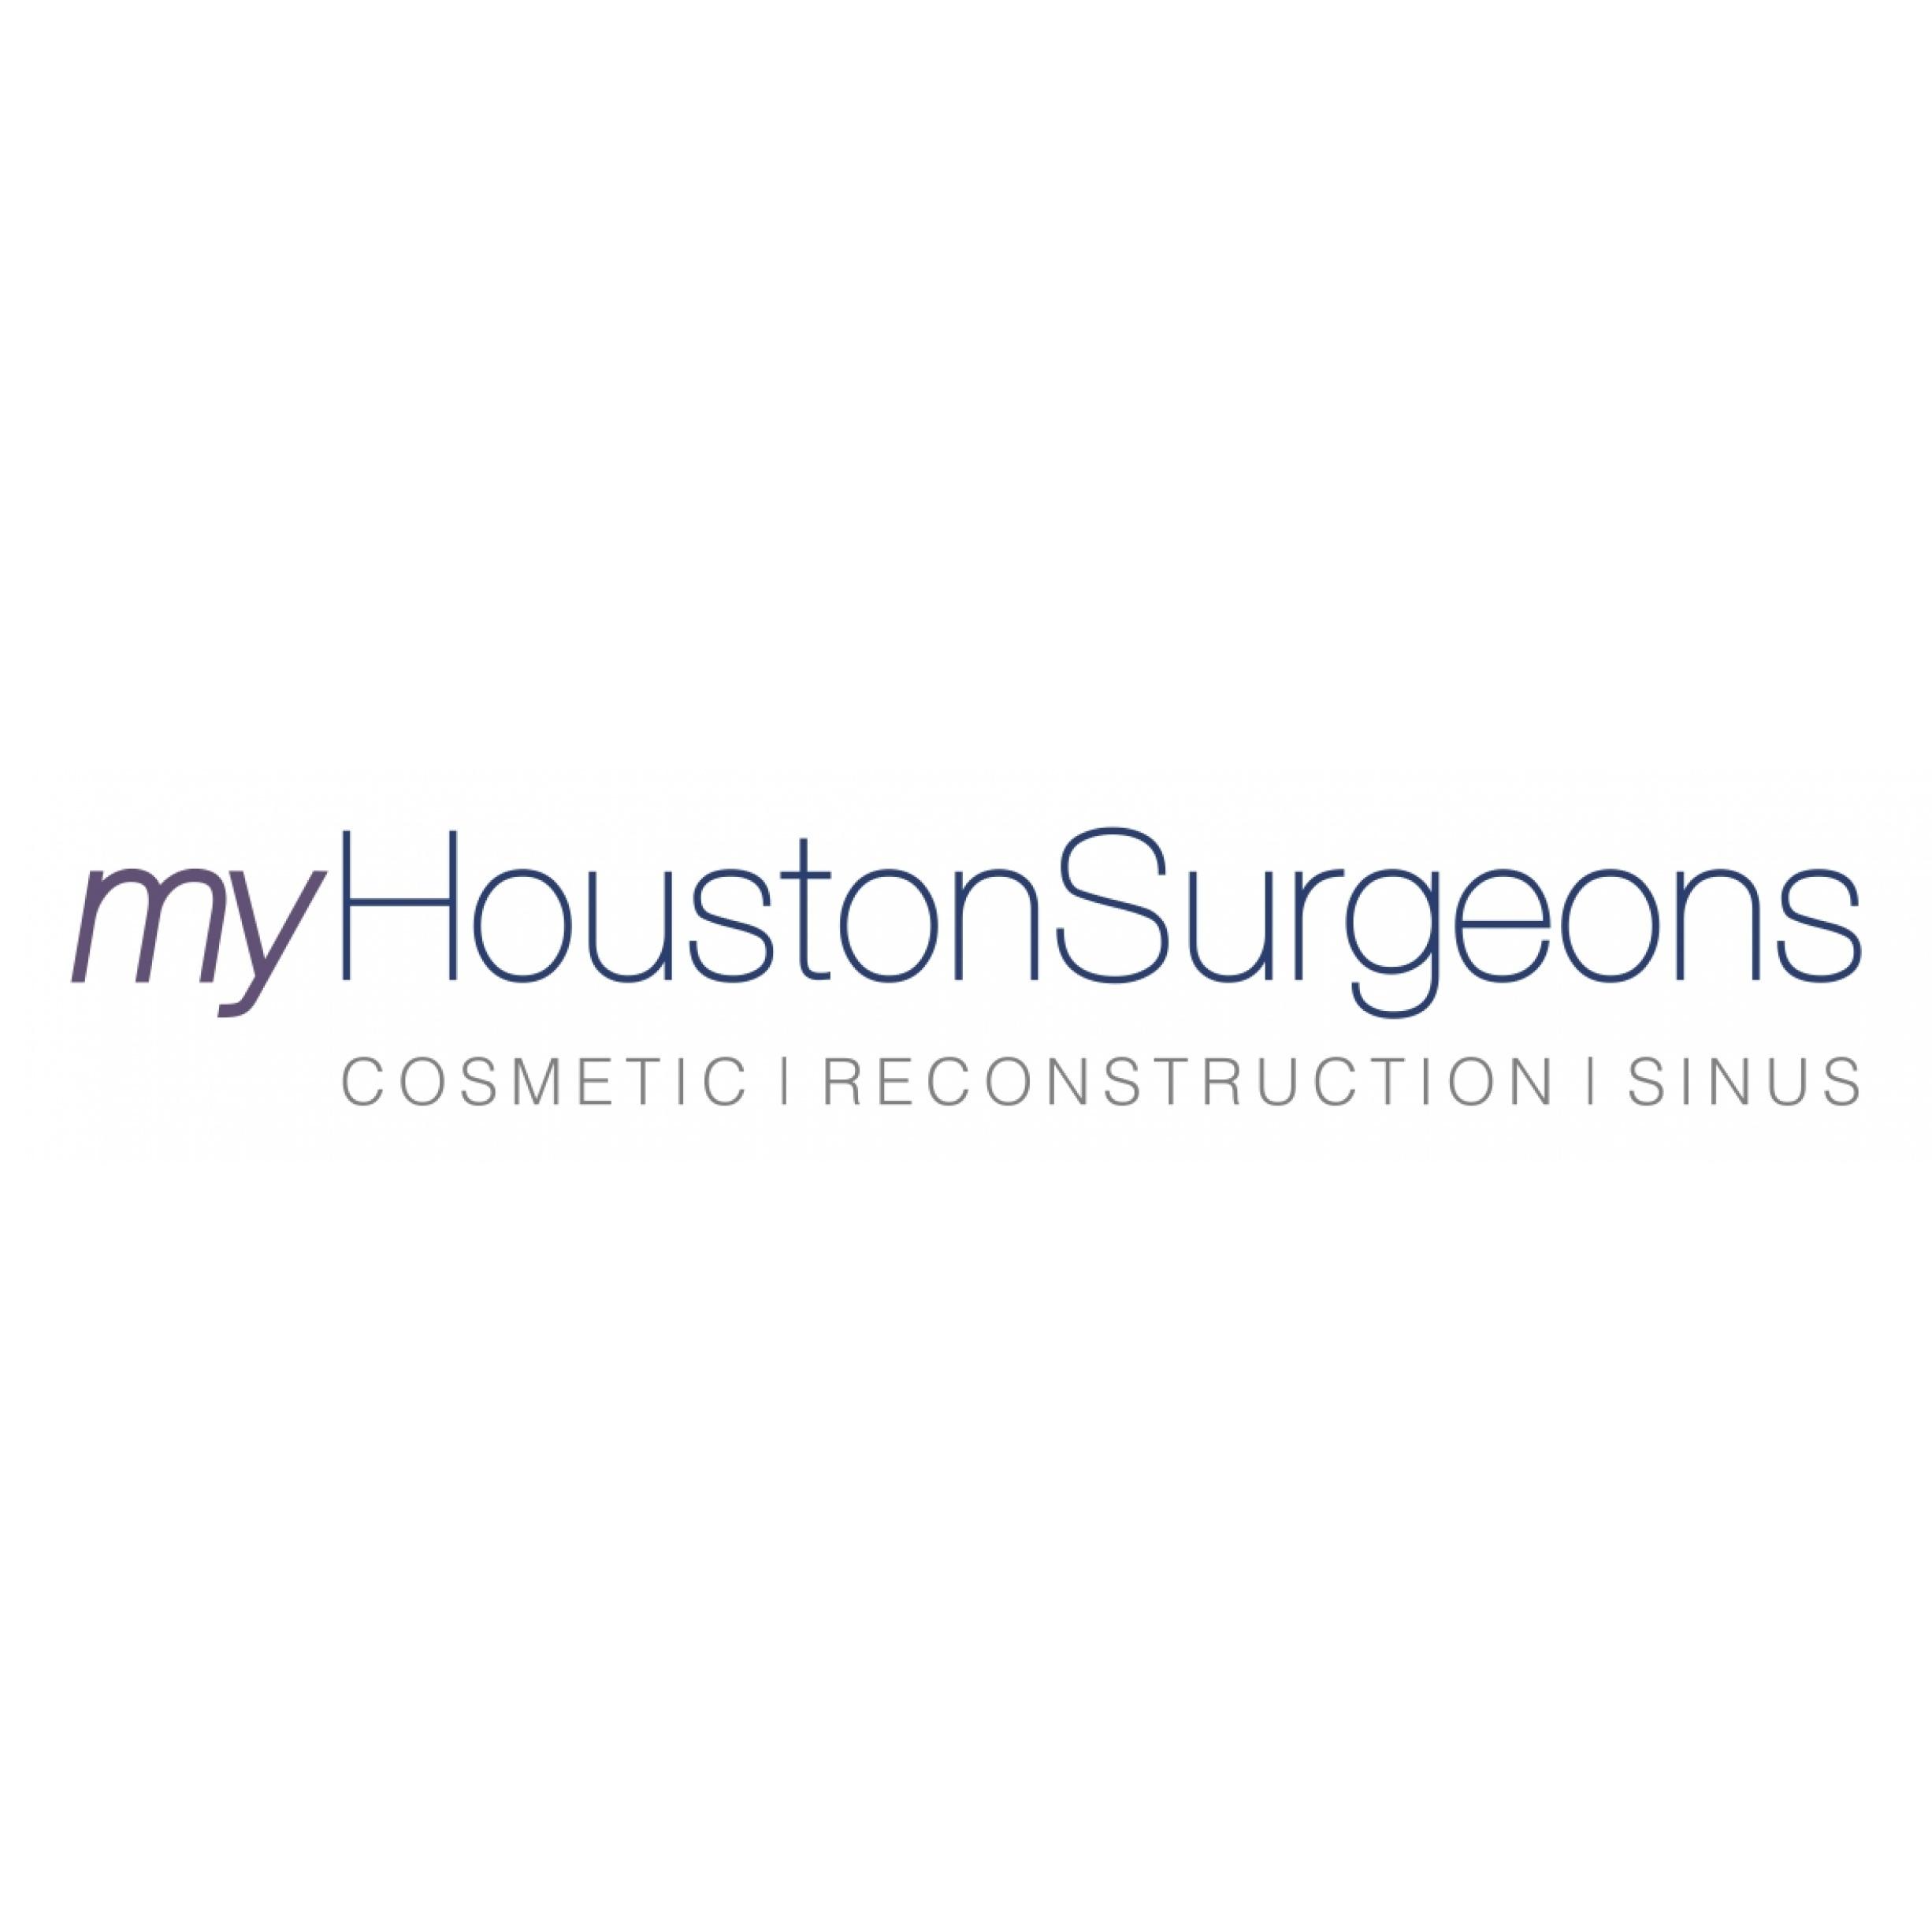 My Houston Surgeons image 4